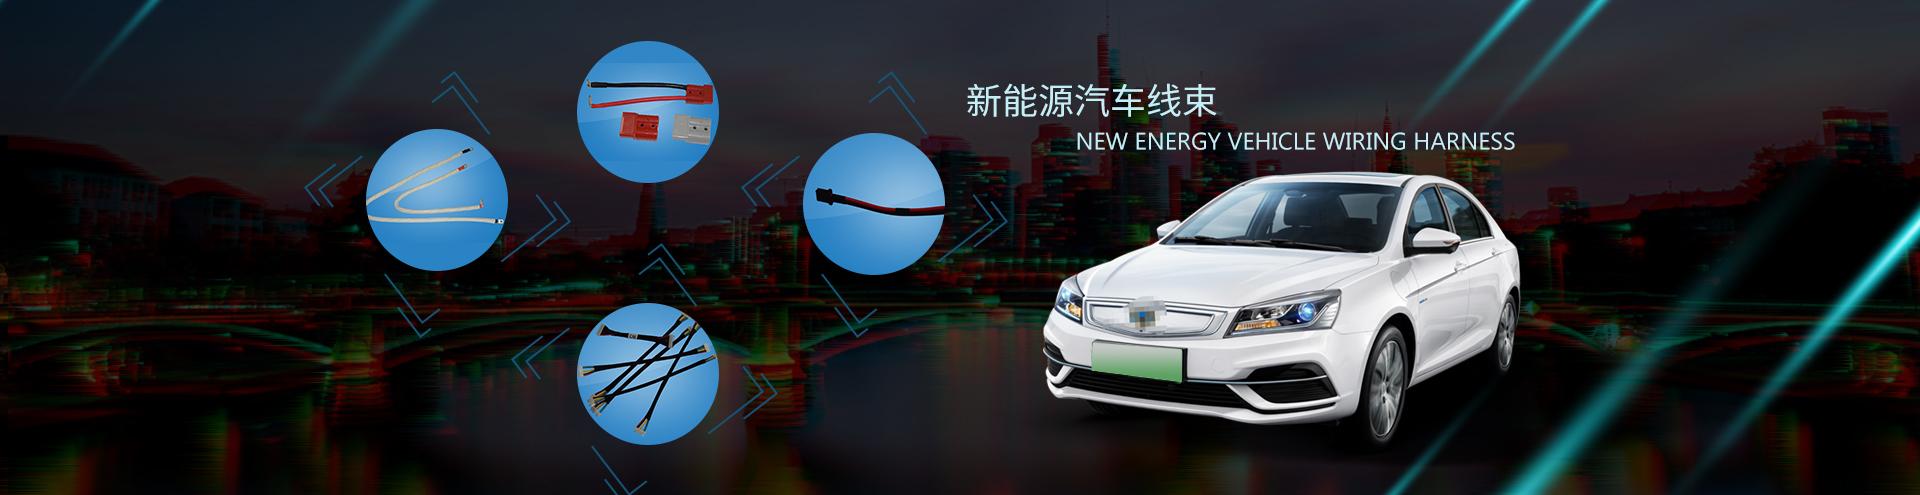 新能源汽车线束